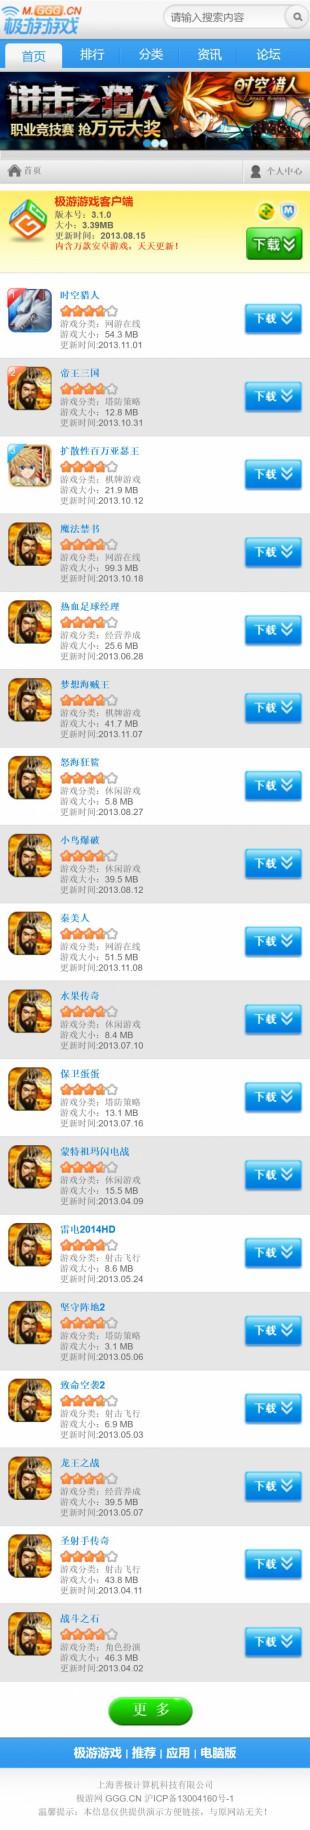 游戏网手机游戏网站模板首页英文网站模板制作手机图片